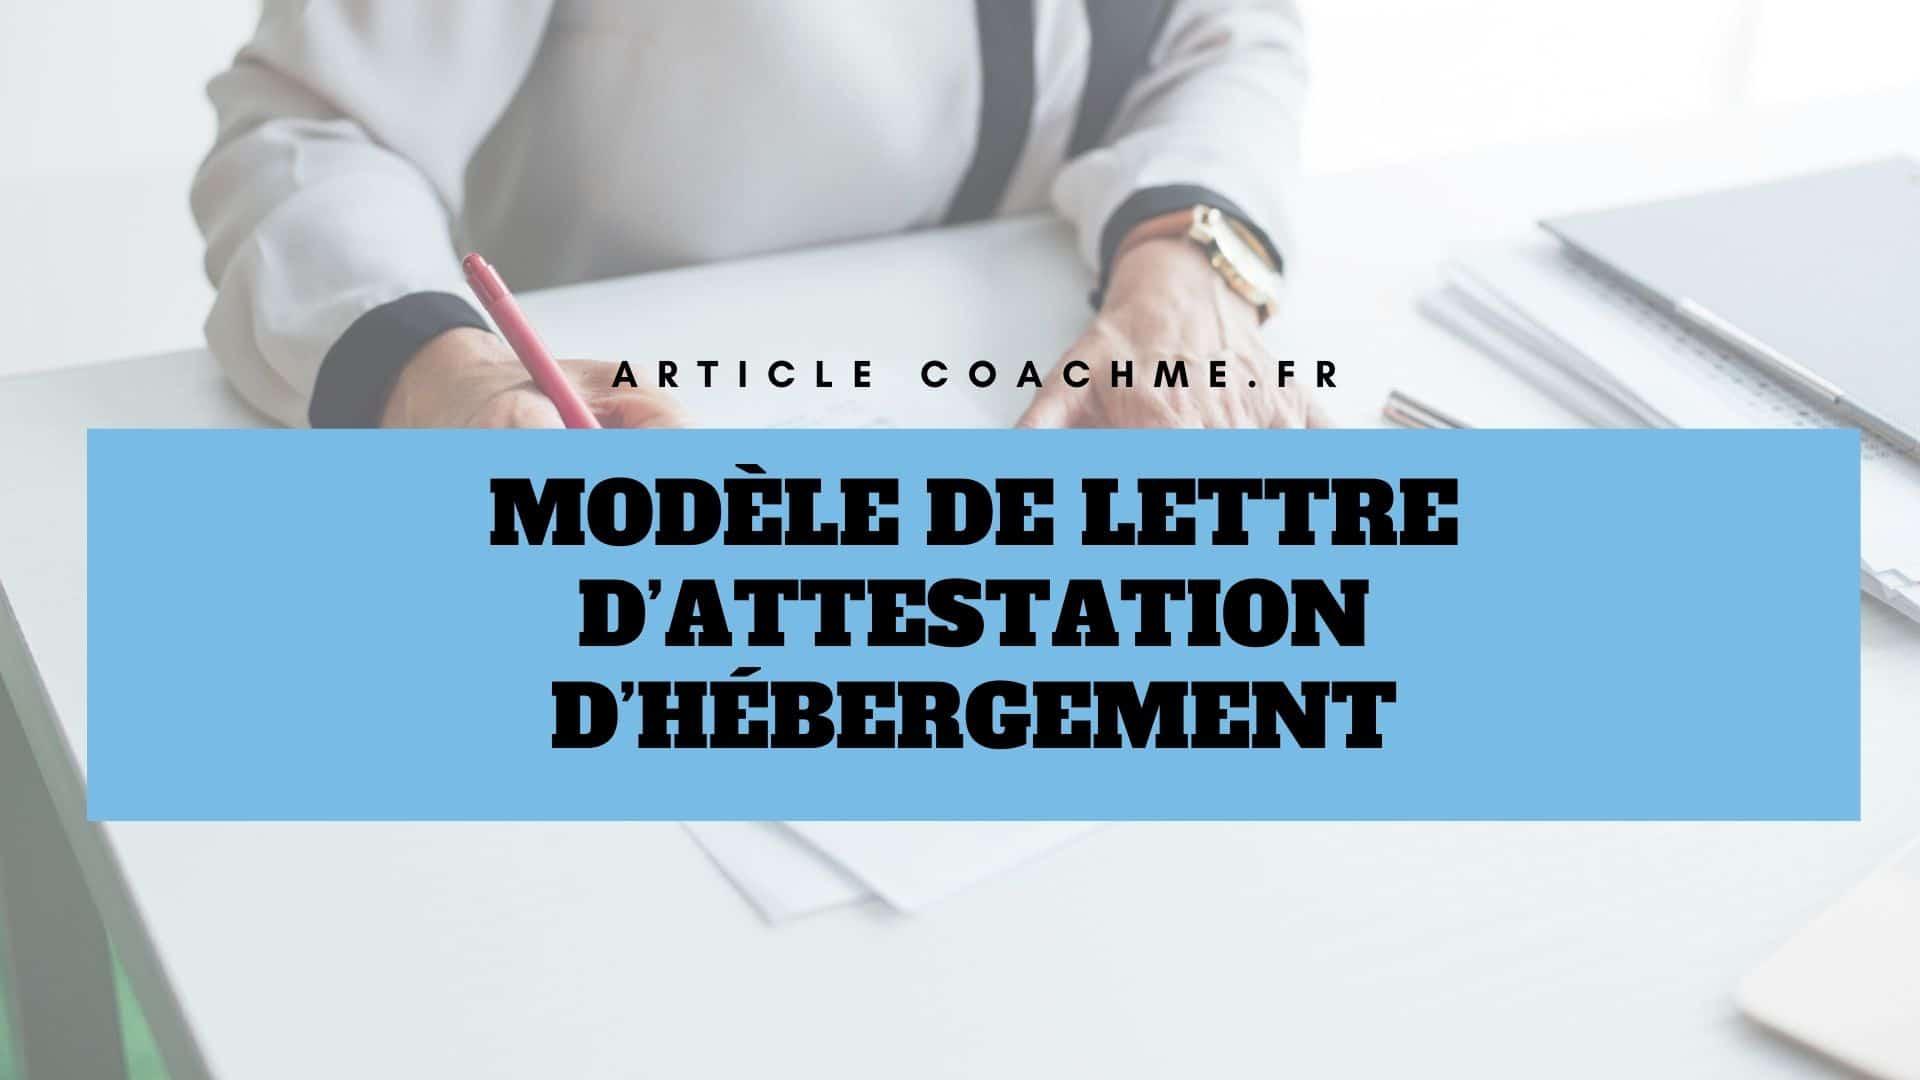 Modele De Lettre D Attestation D Hebergement